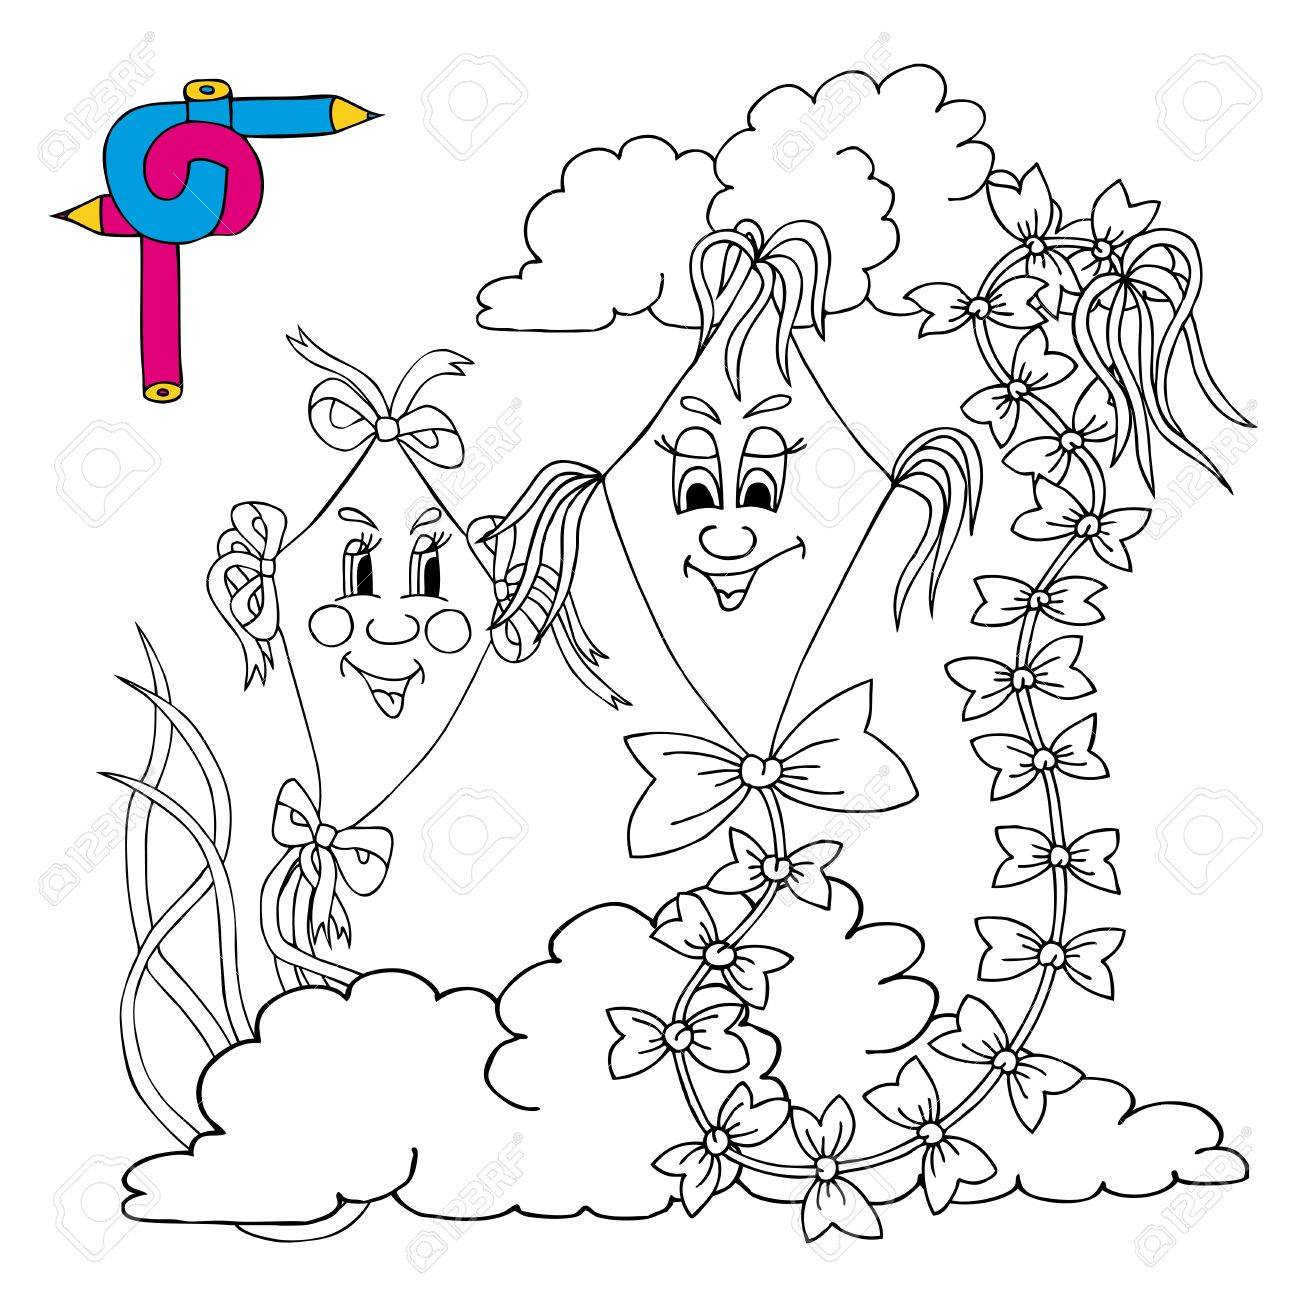 Colorear Cometas Imagen - Ilustración Vectorial. Ilustraciones ...